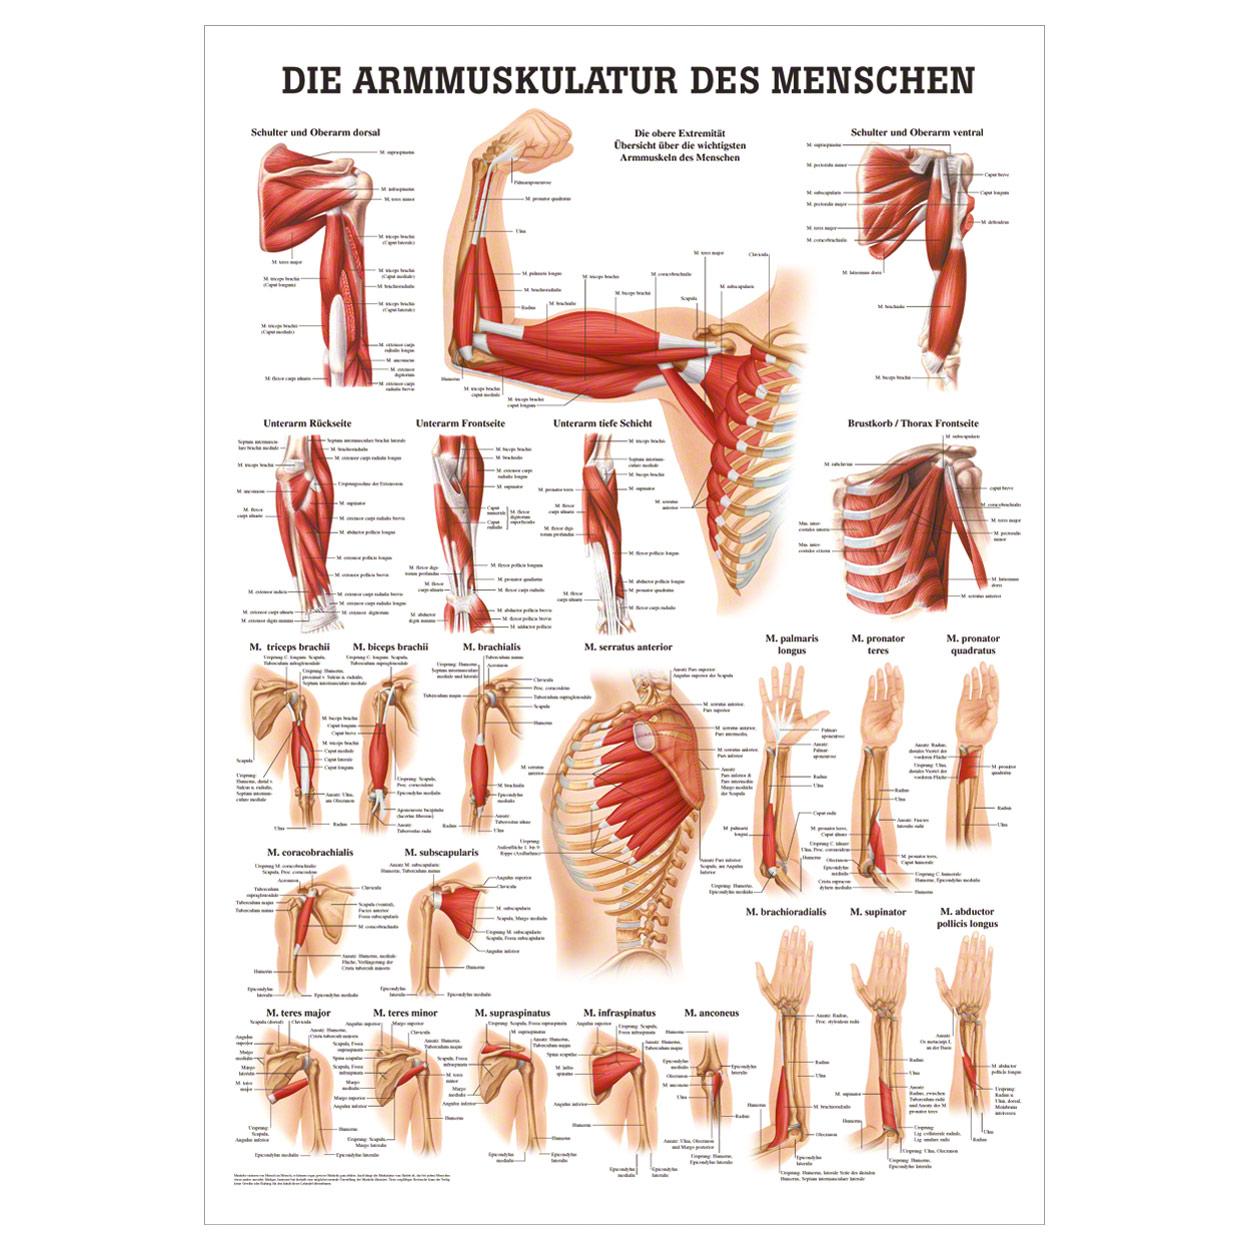 Groß Anatomie Für Anfänger Video Fotos - Anatomie Ideen - finotti.info